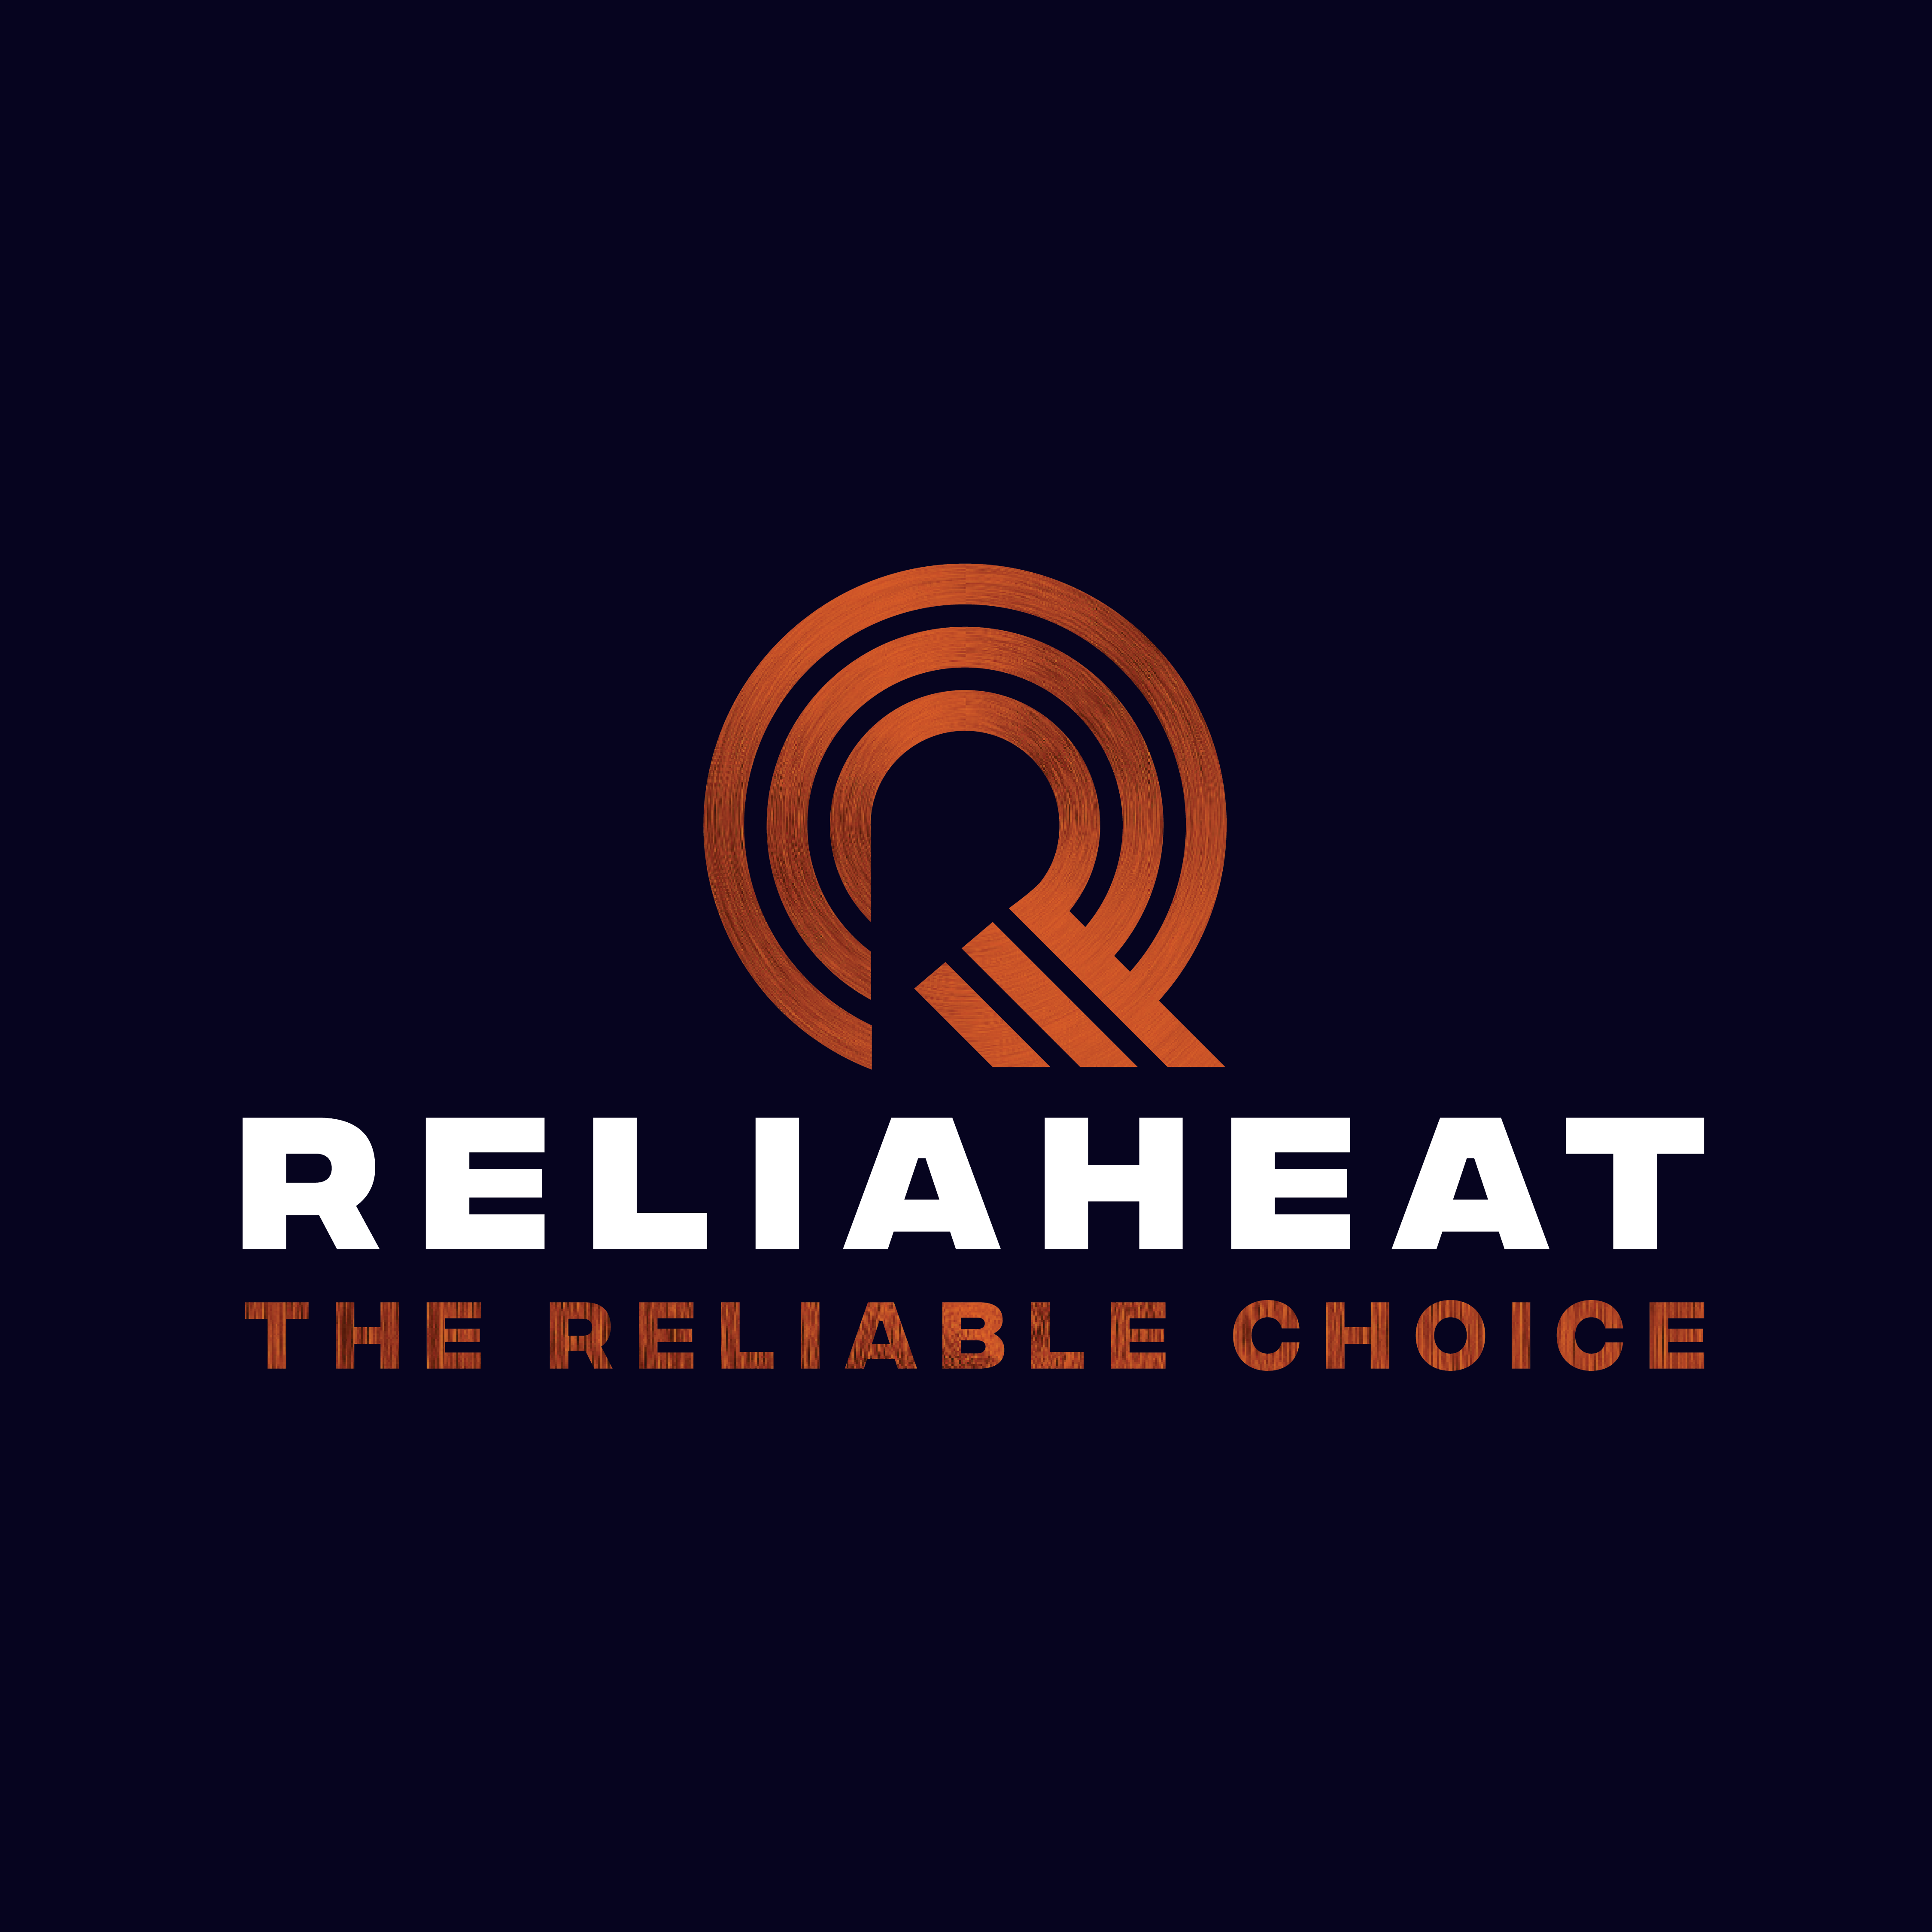 Reliaheat